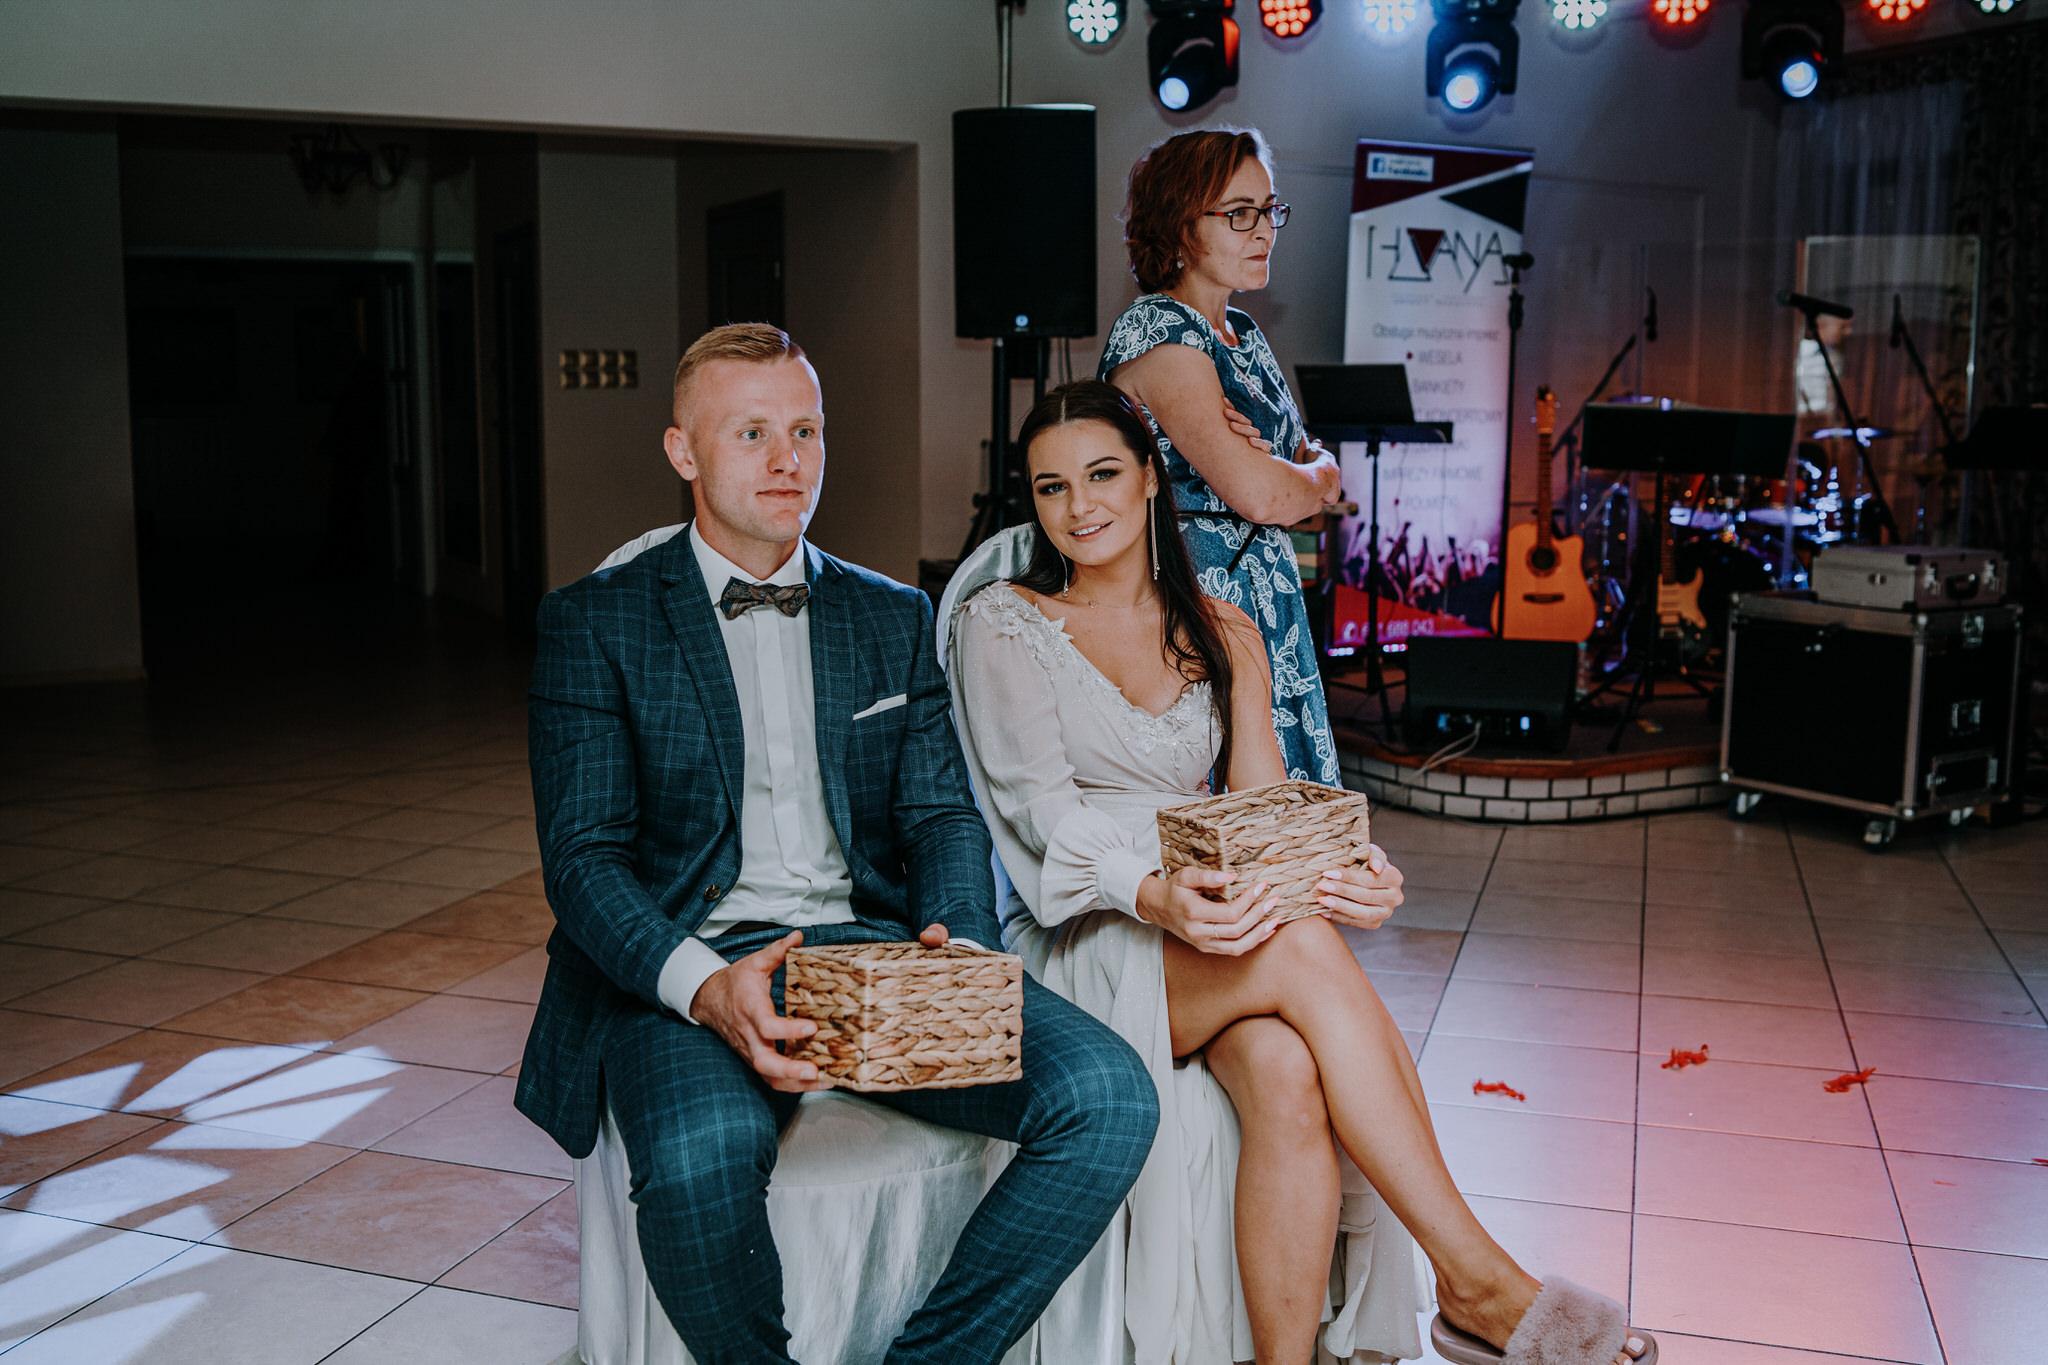 wesele paradis iga damian 290 - Wesele w stylu glamour | Lubartów | I+D | 04.09.2020